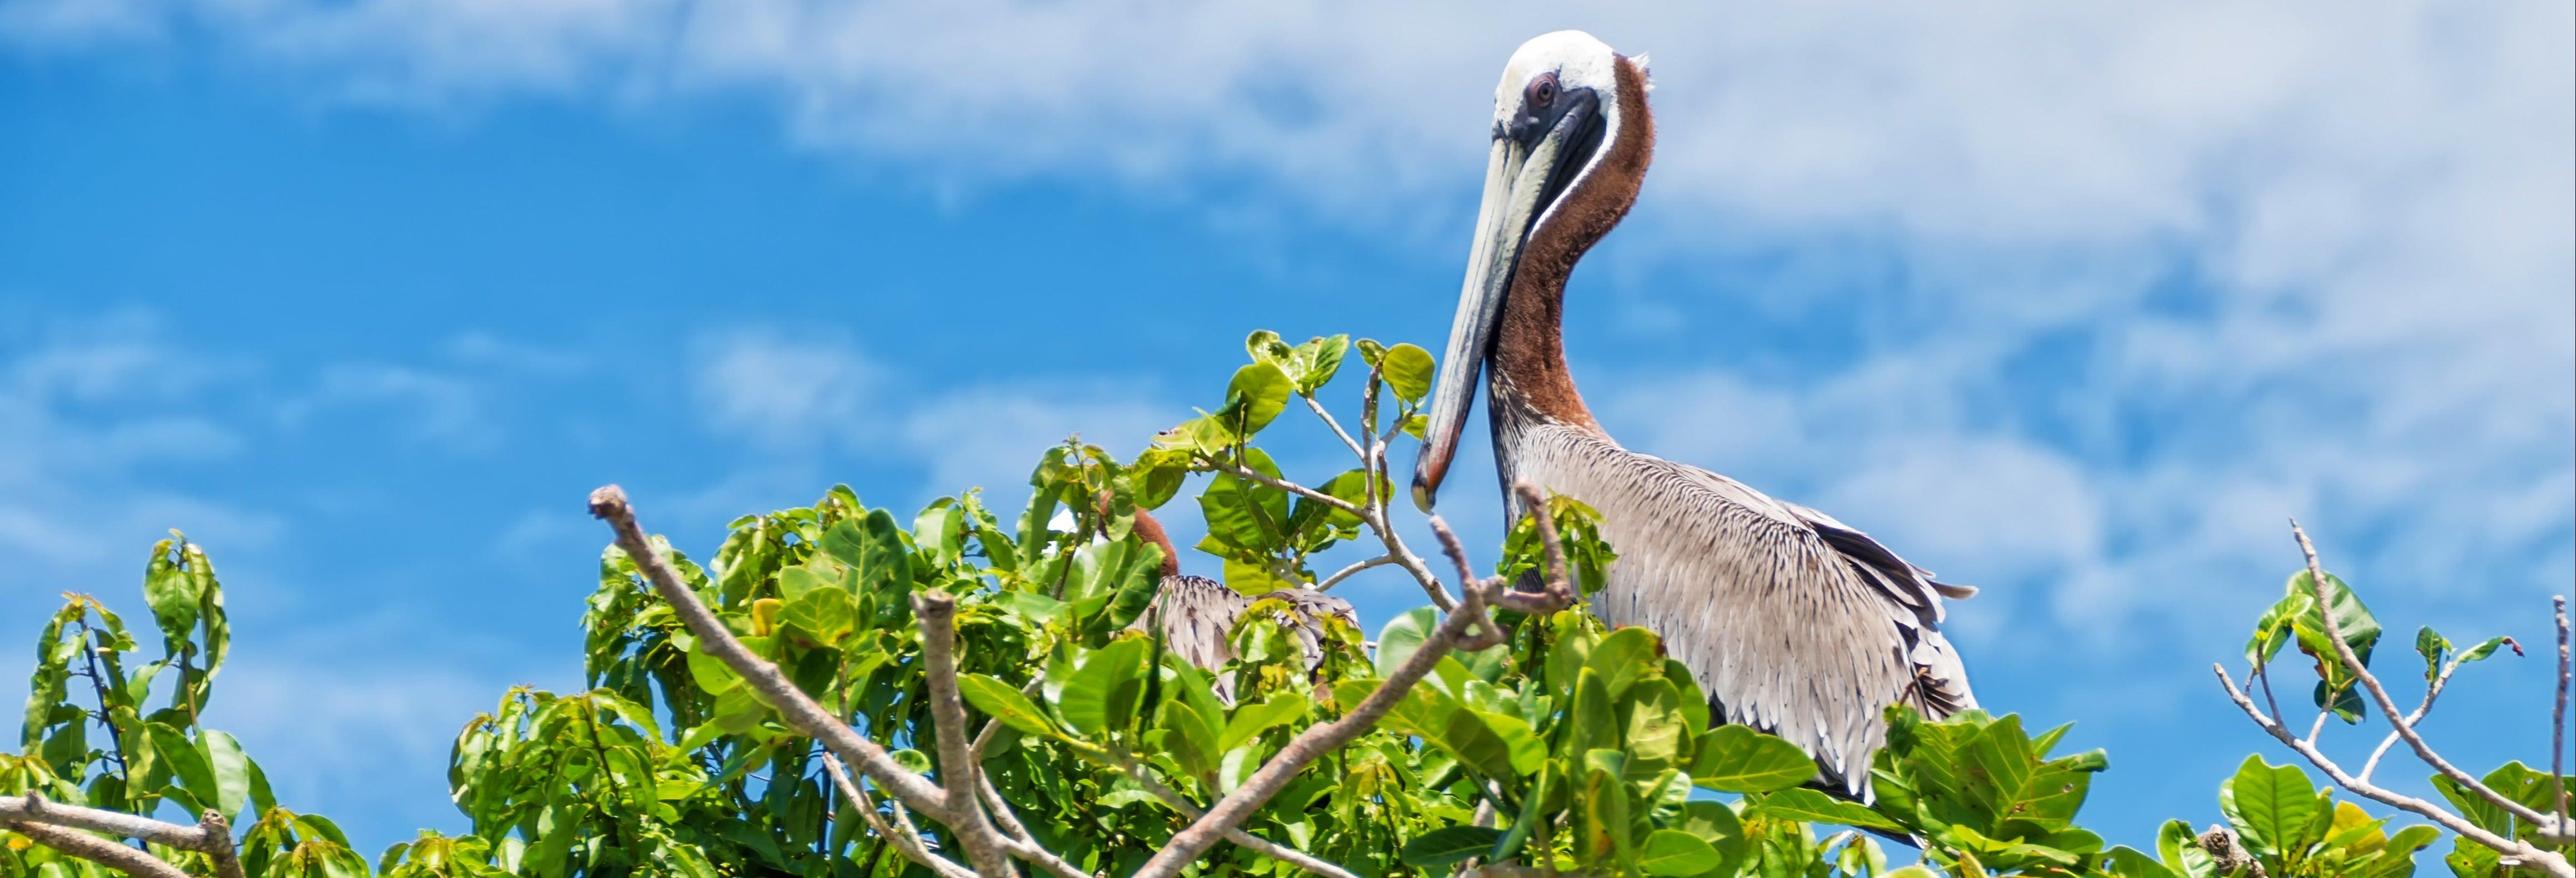 Excursión al Parque Nacional Los Haitises